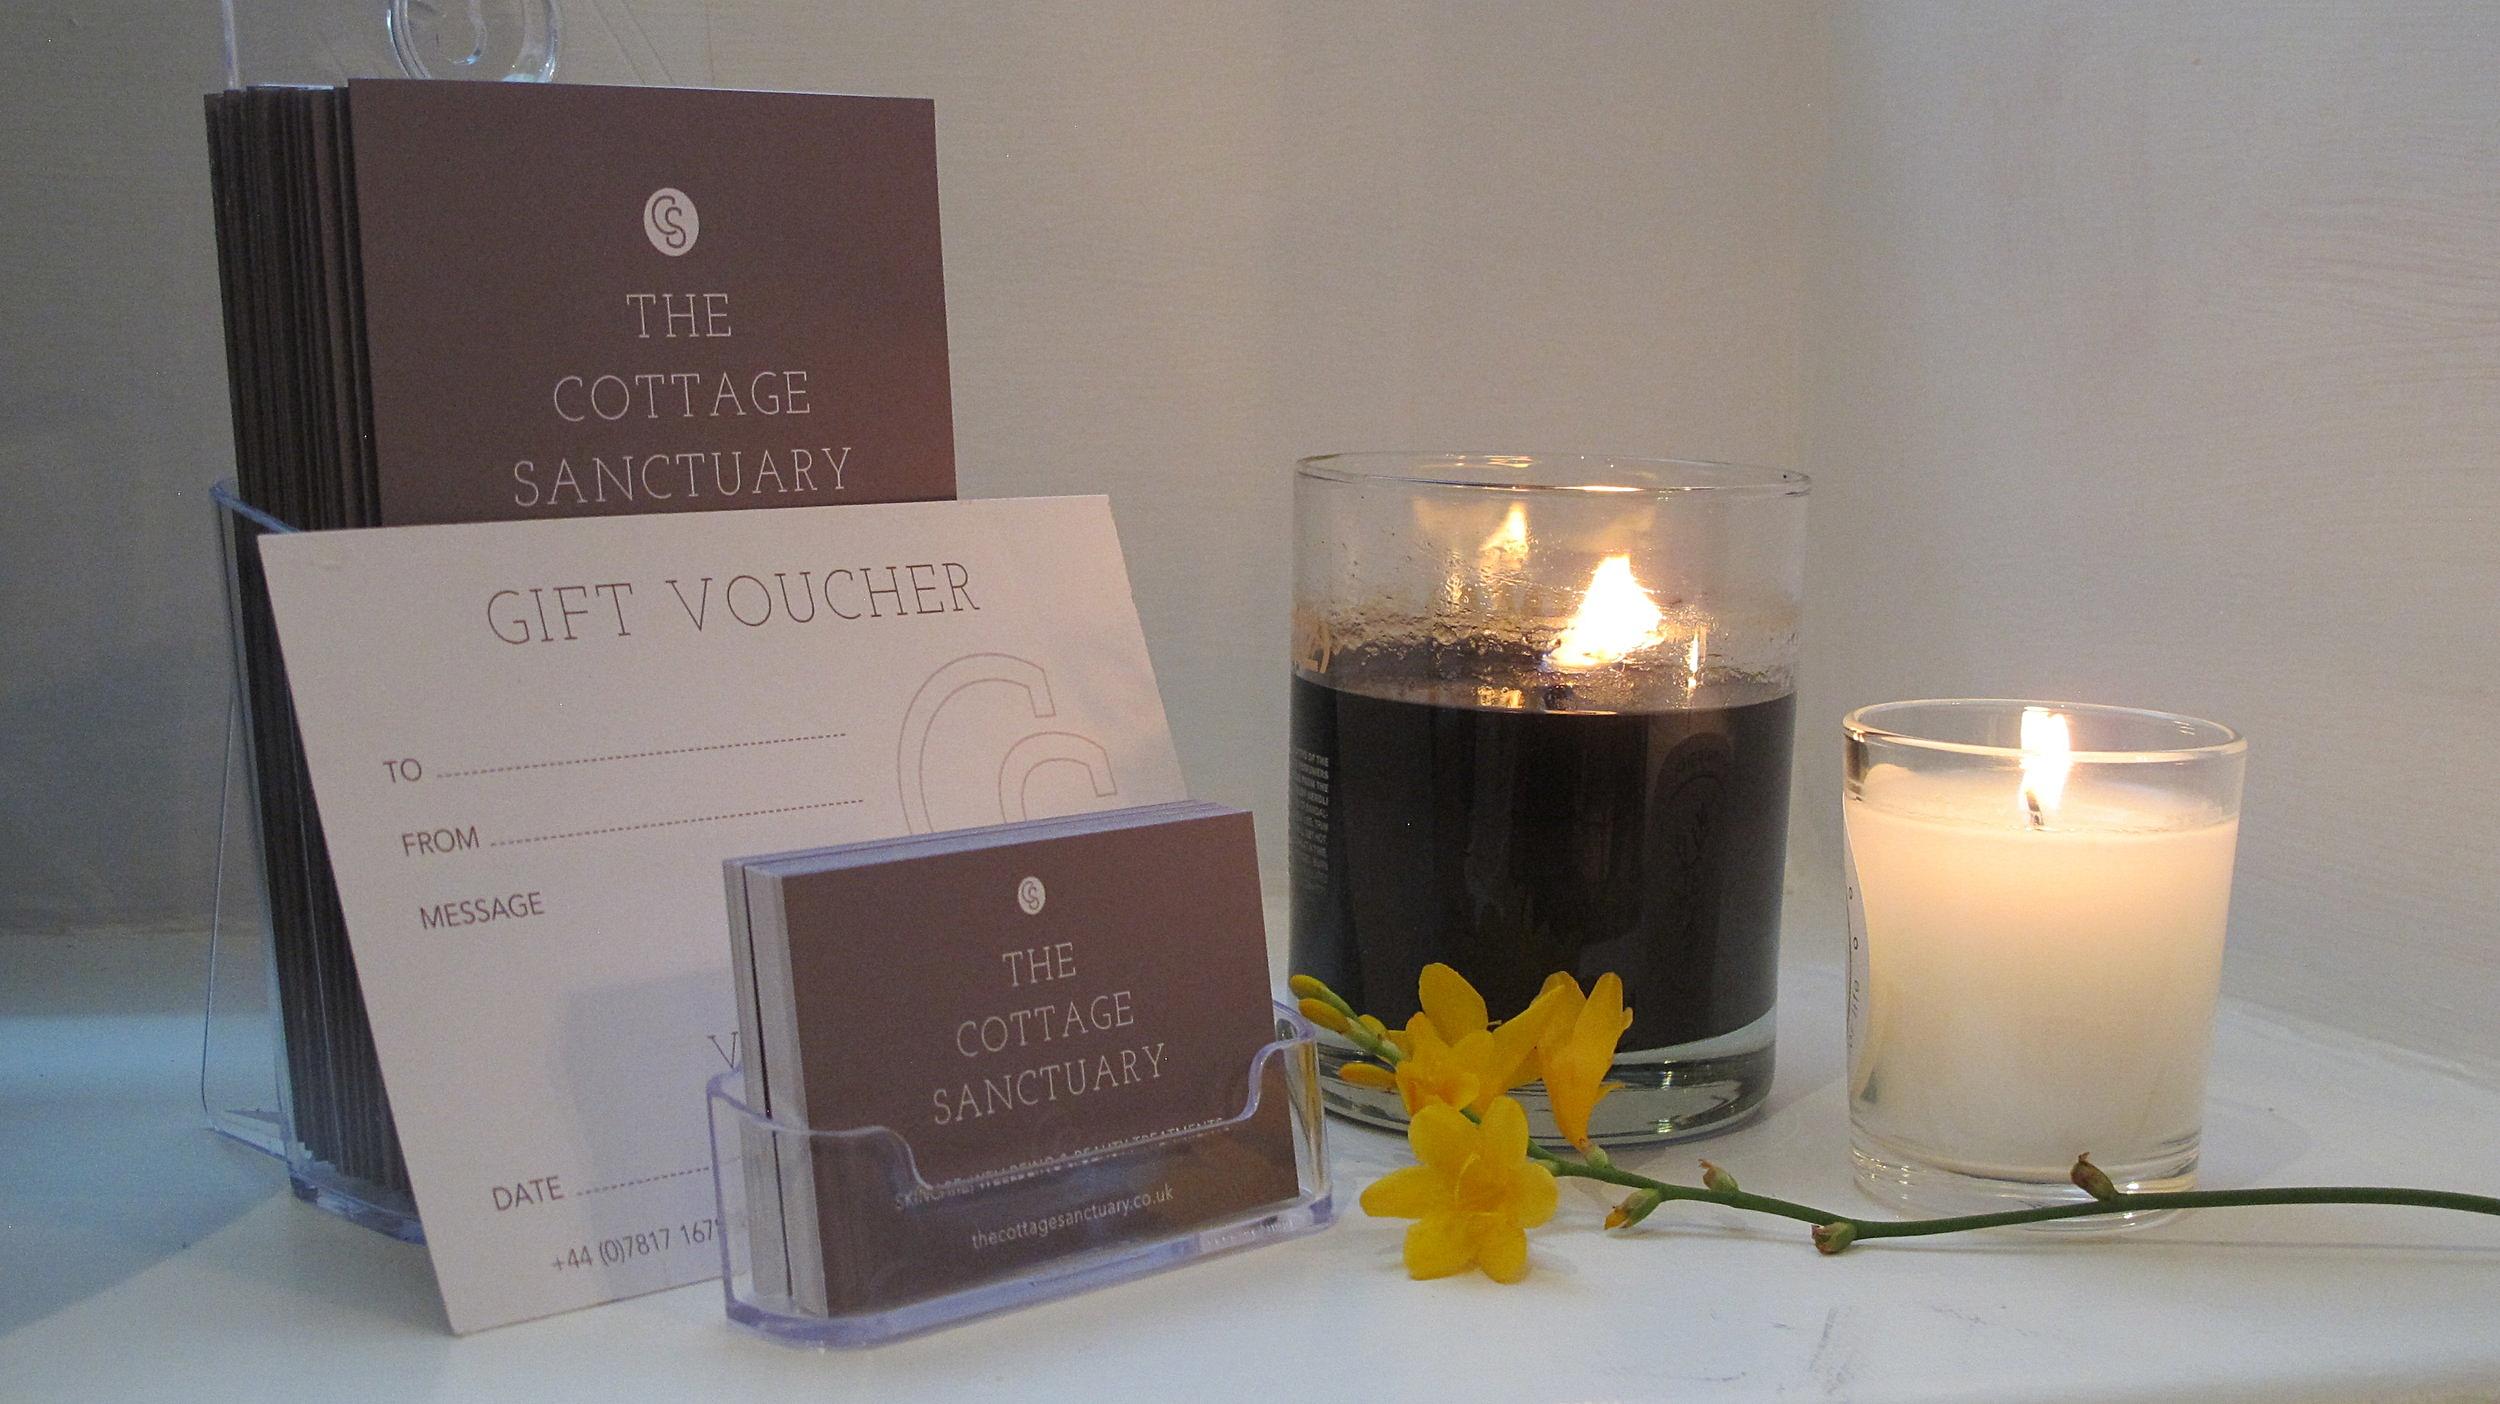 Gift-voucher-brochure-candles-cottage-sanctuary